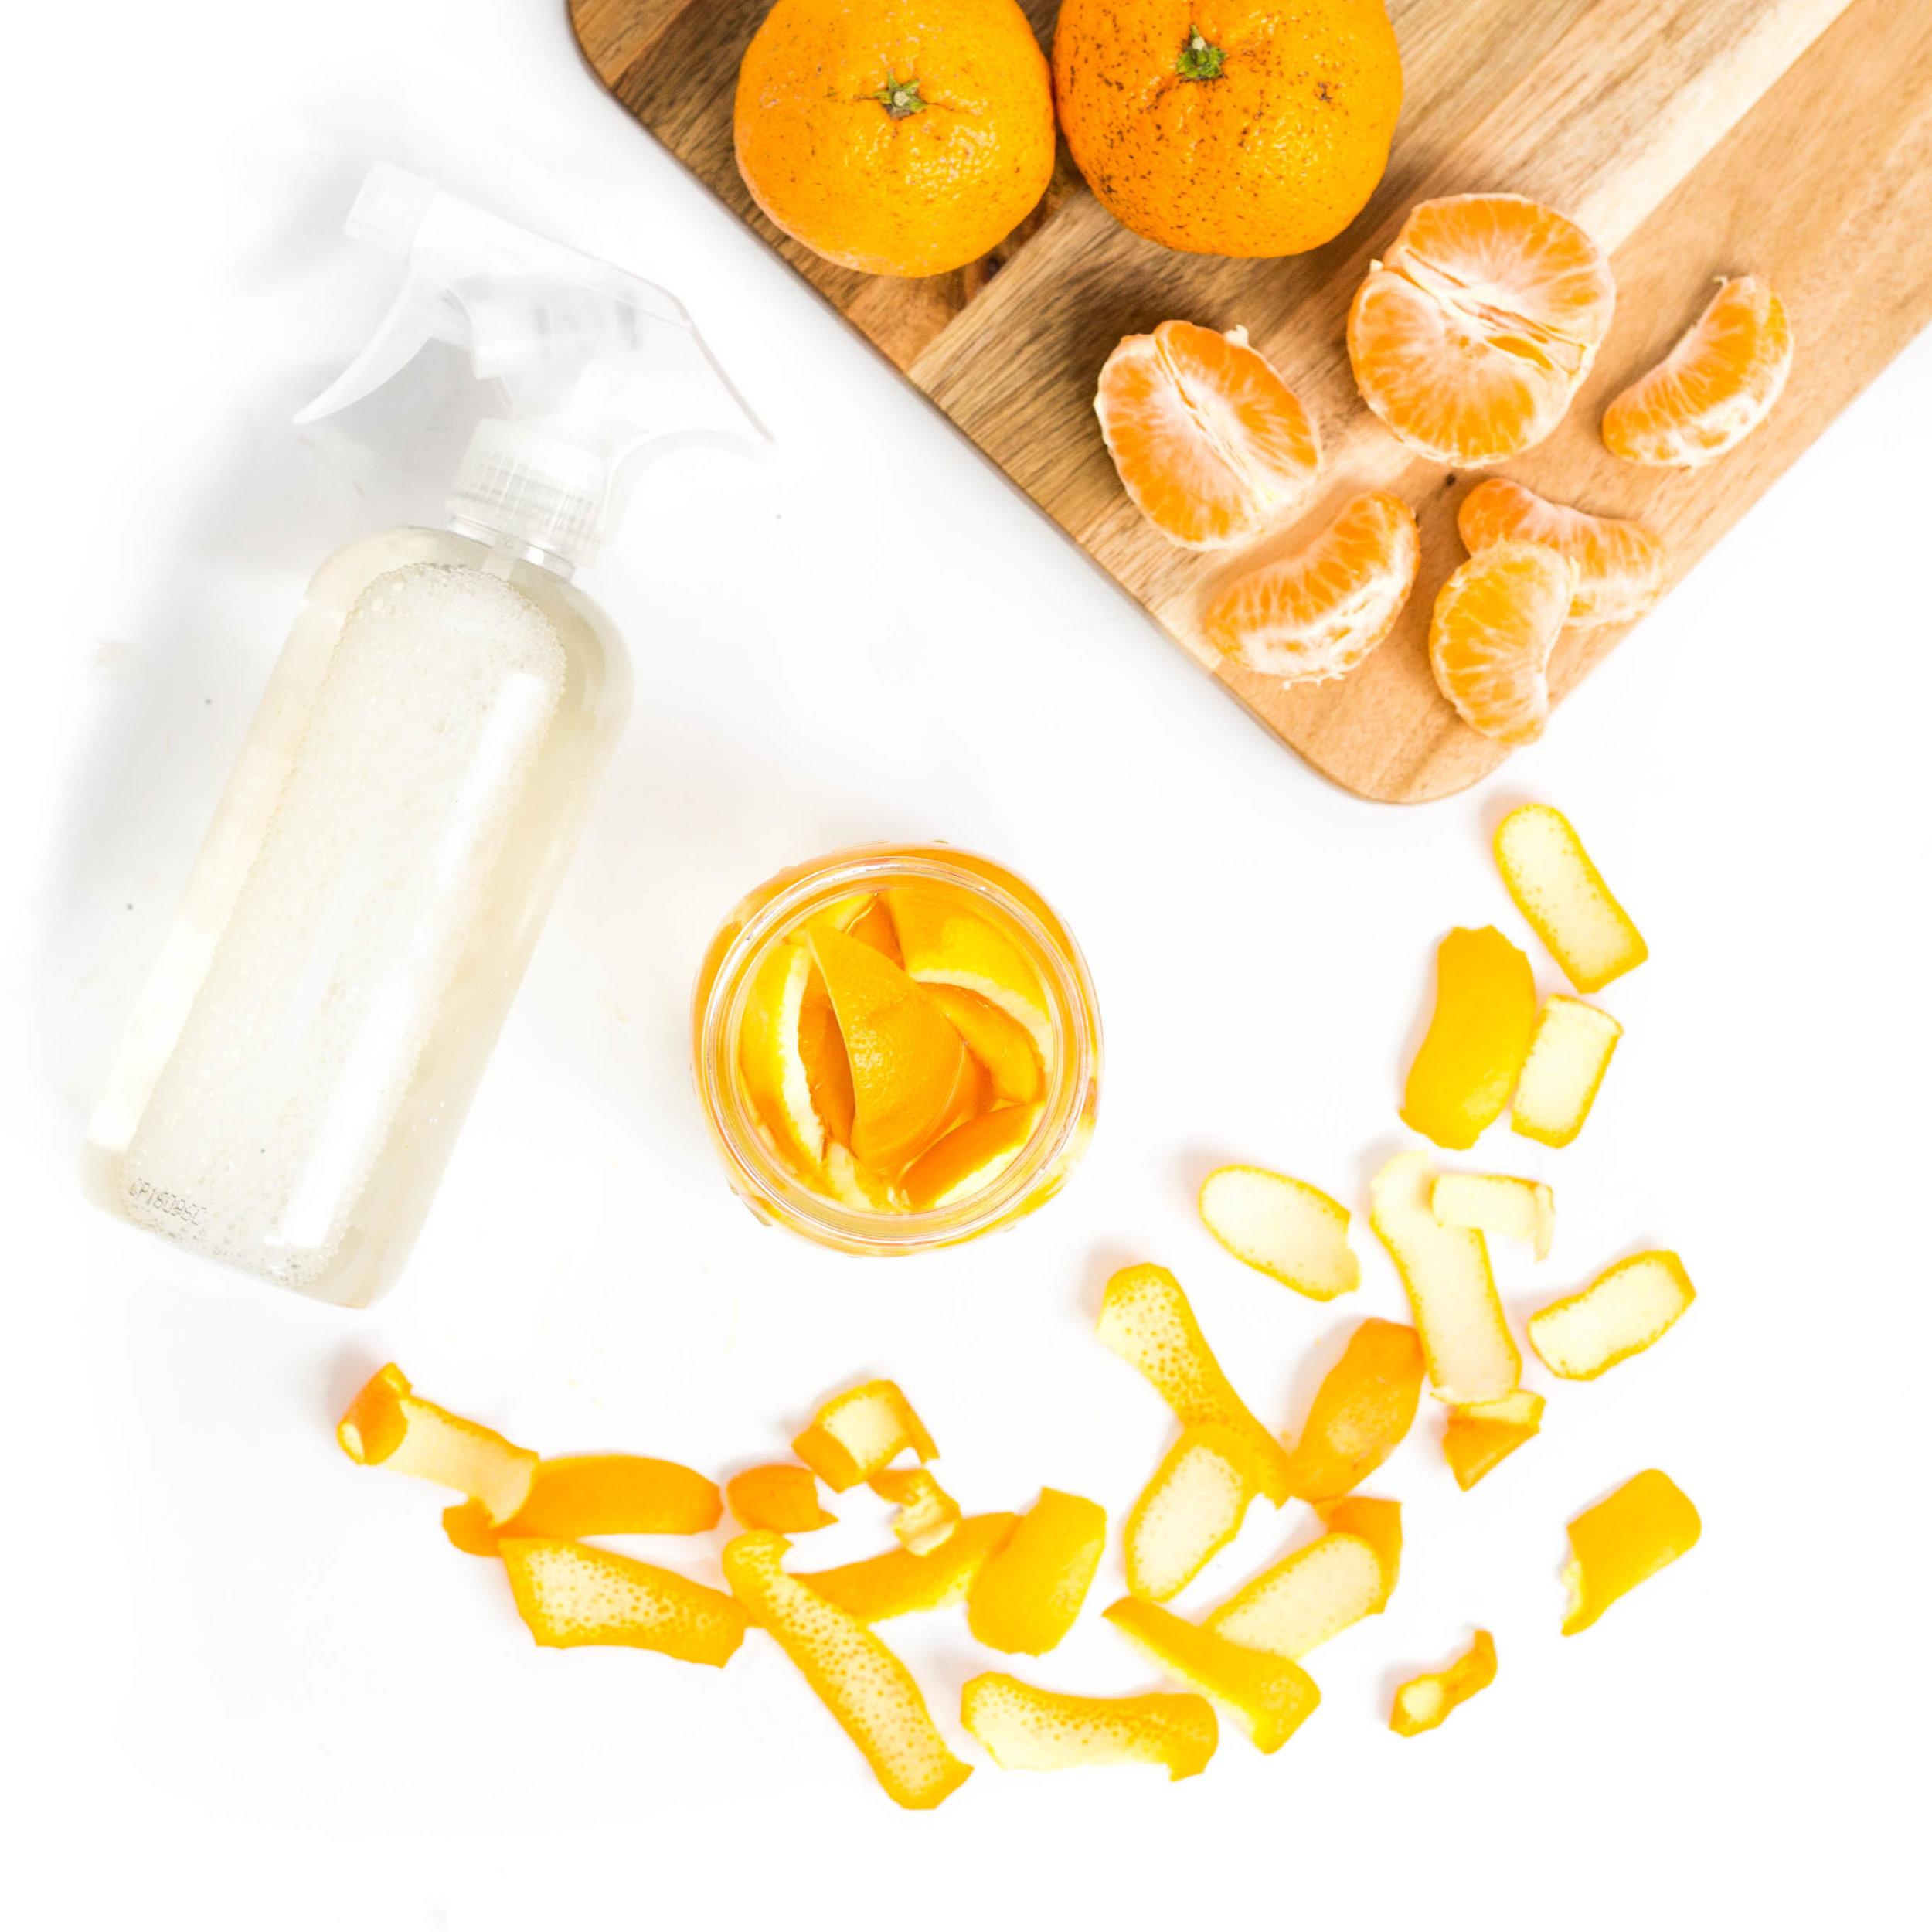 Citrus cleaner_2.jpg